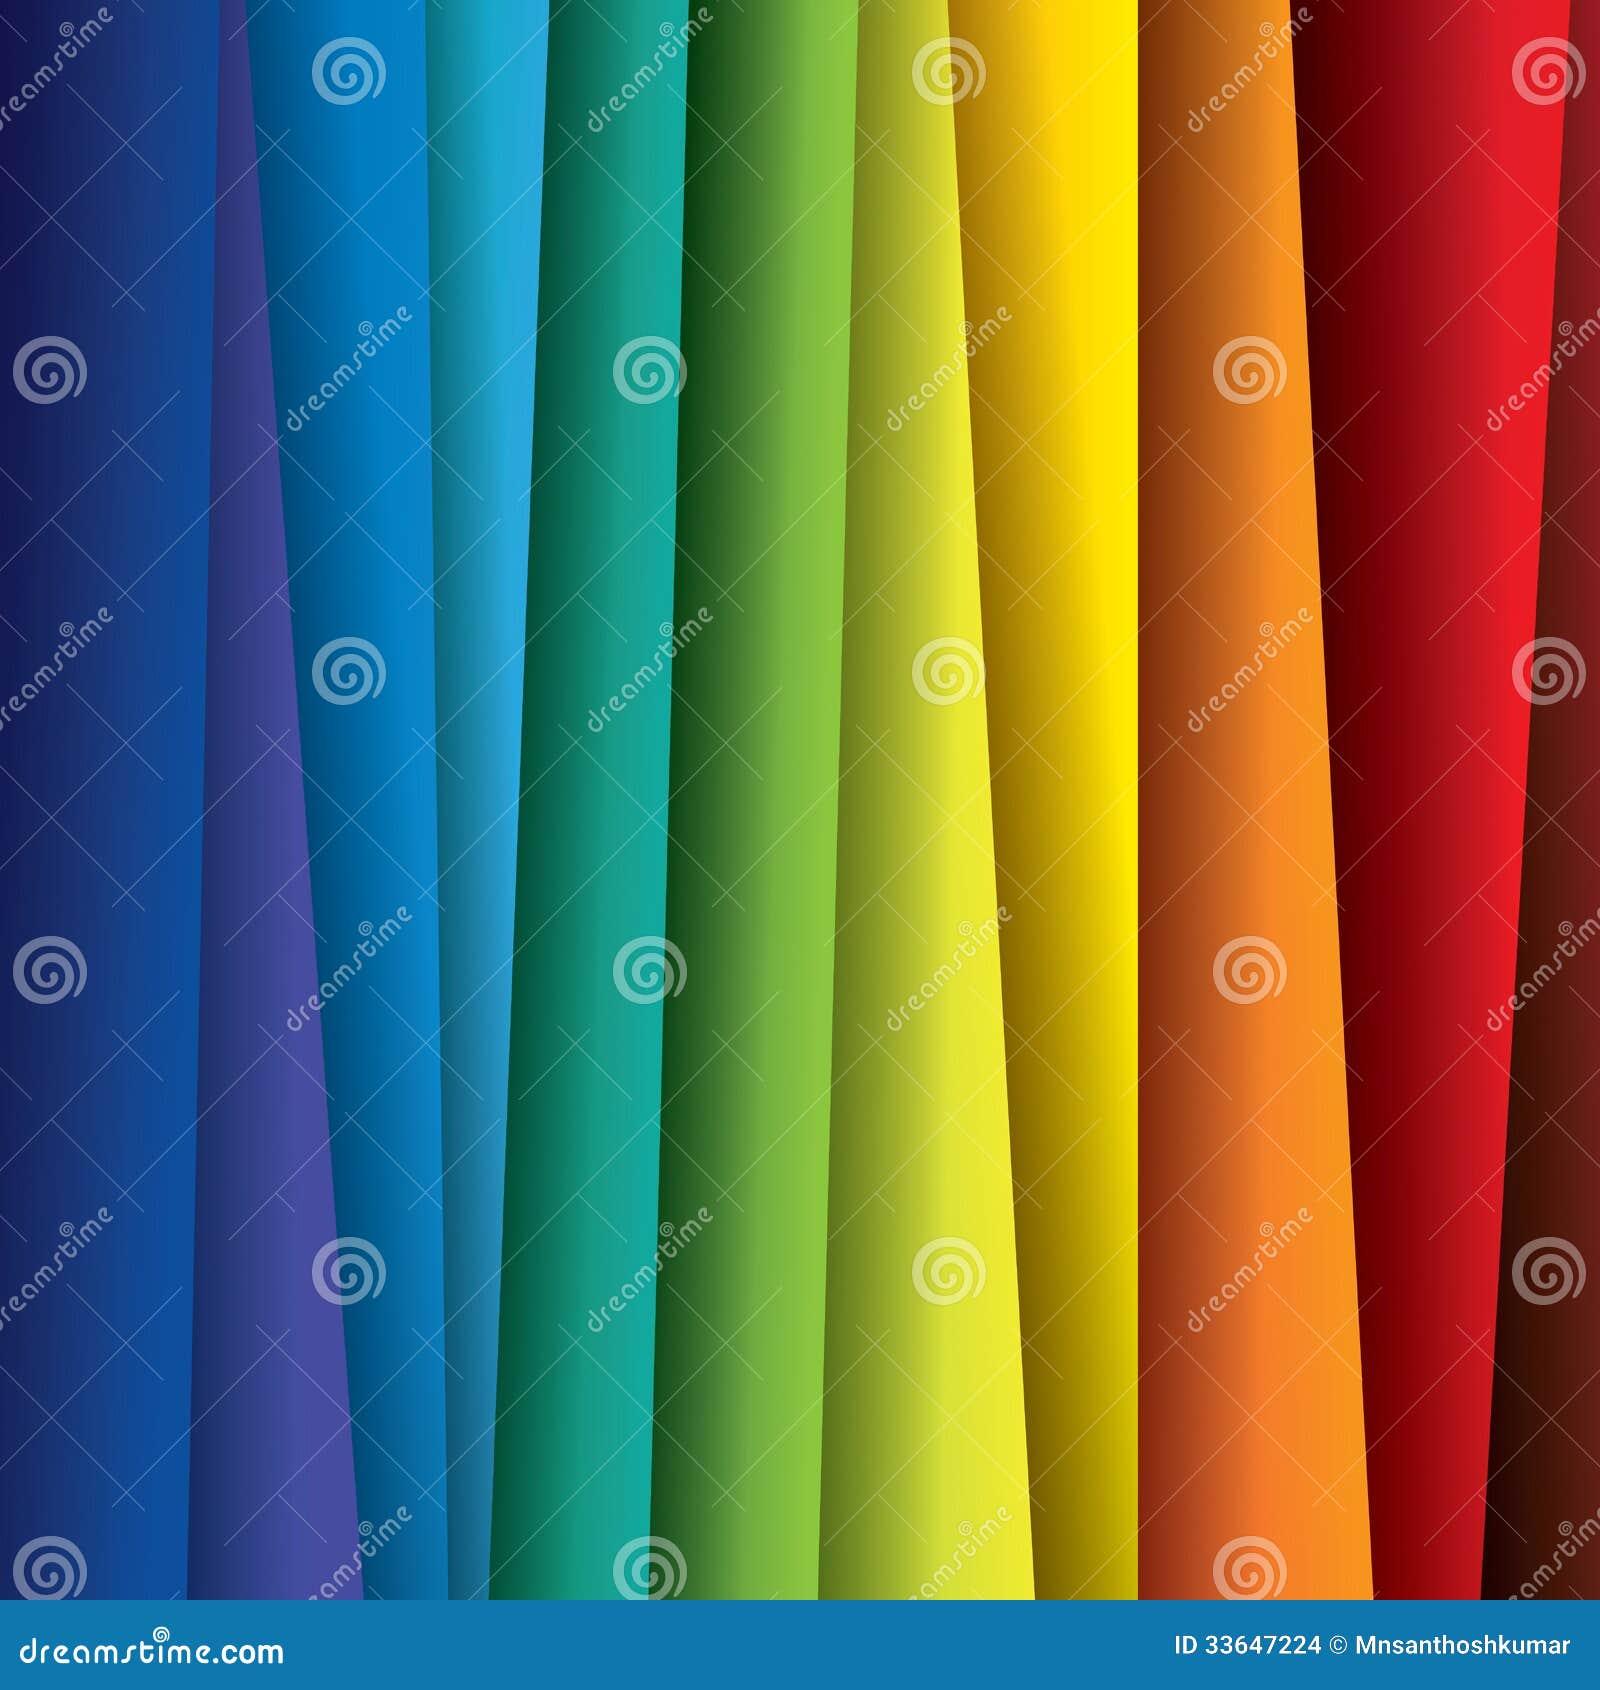 Abstrakcjonistyczny kolorowy papieru lub prześcieradeł tło (tło)